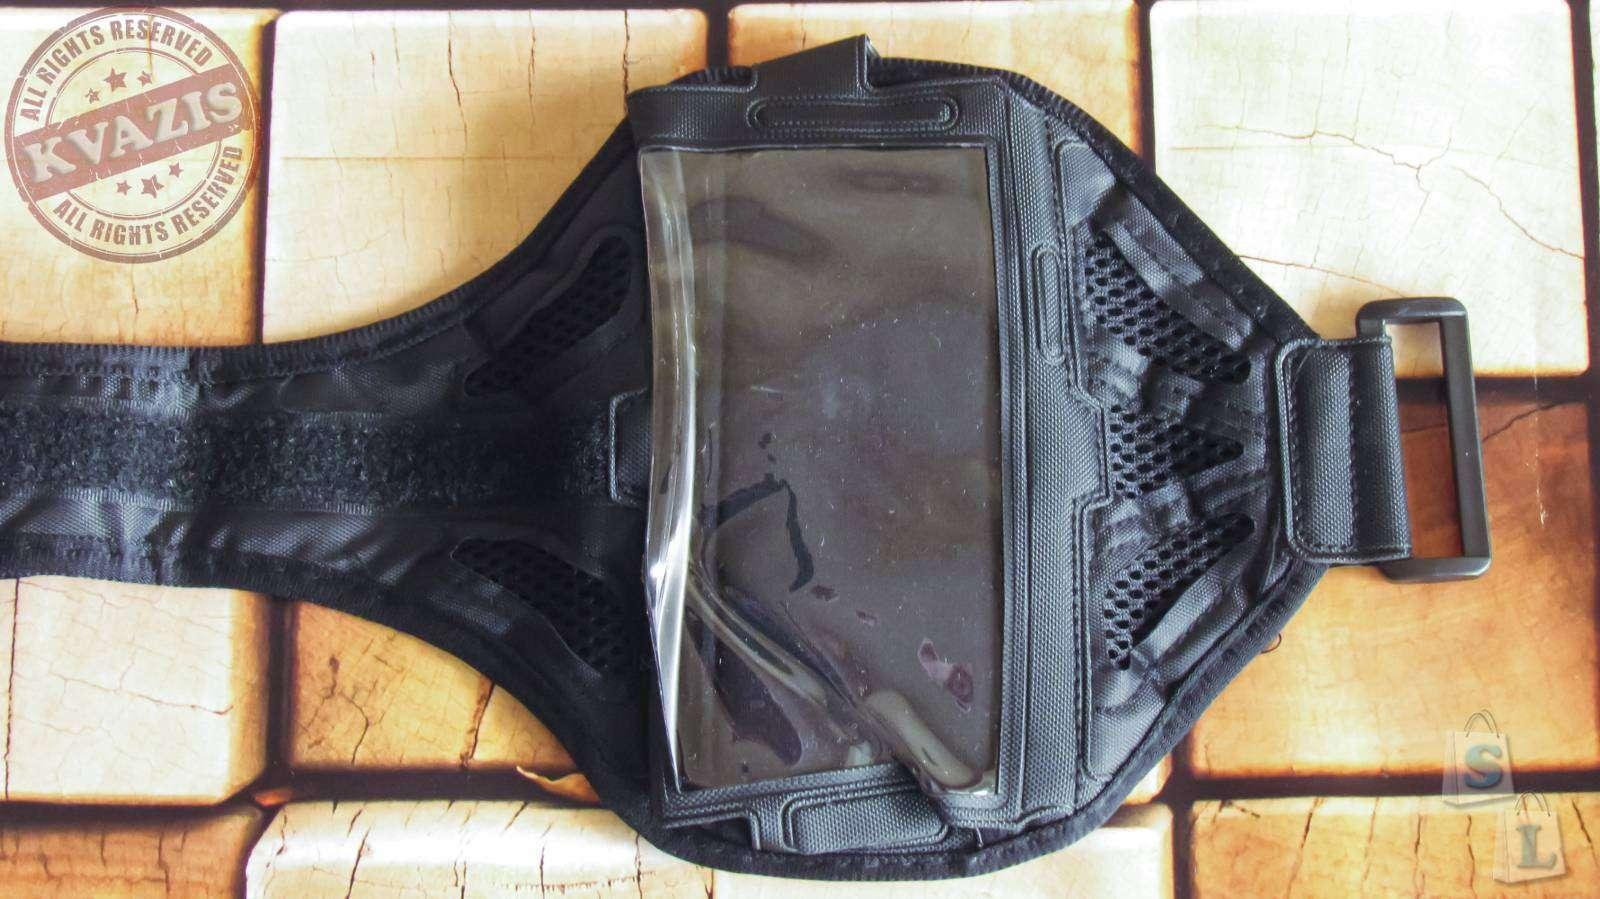 Aliexpress: Спортивный чехол на руку для телефонов с экраном 5-5,5 дюйма